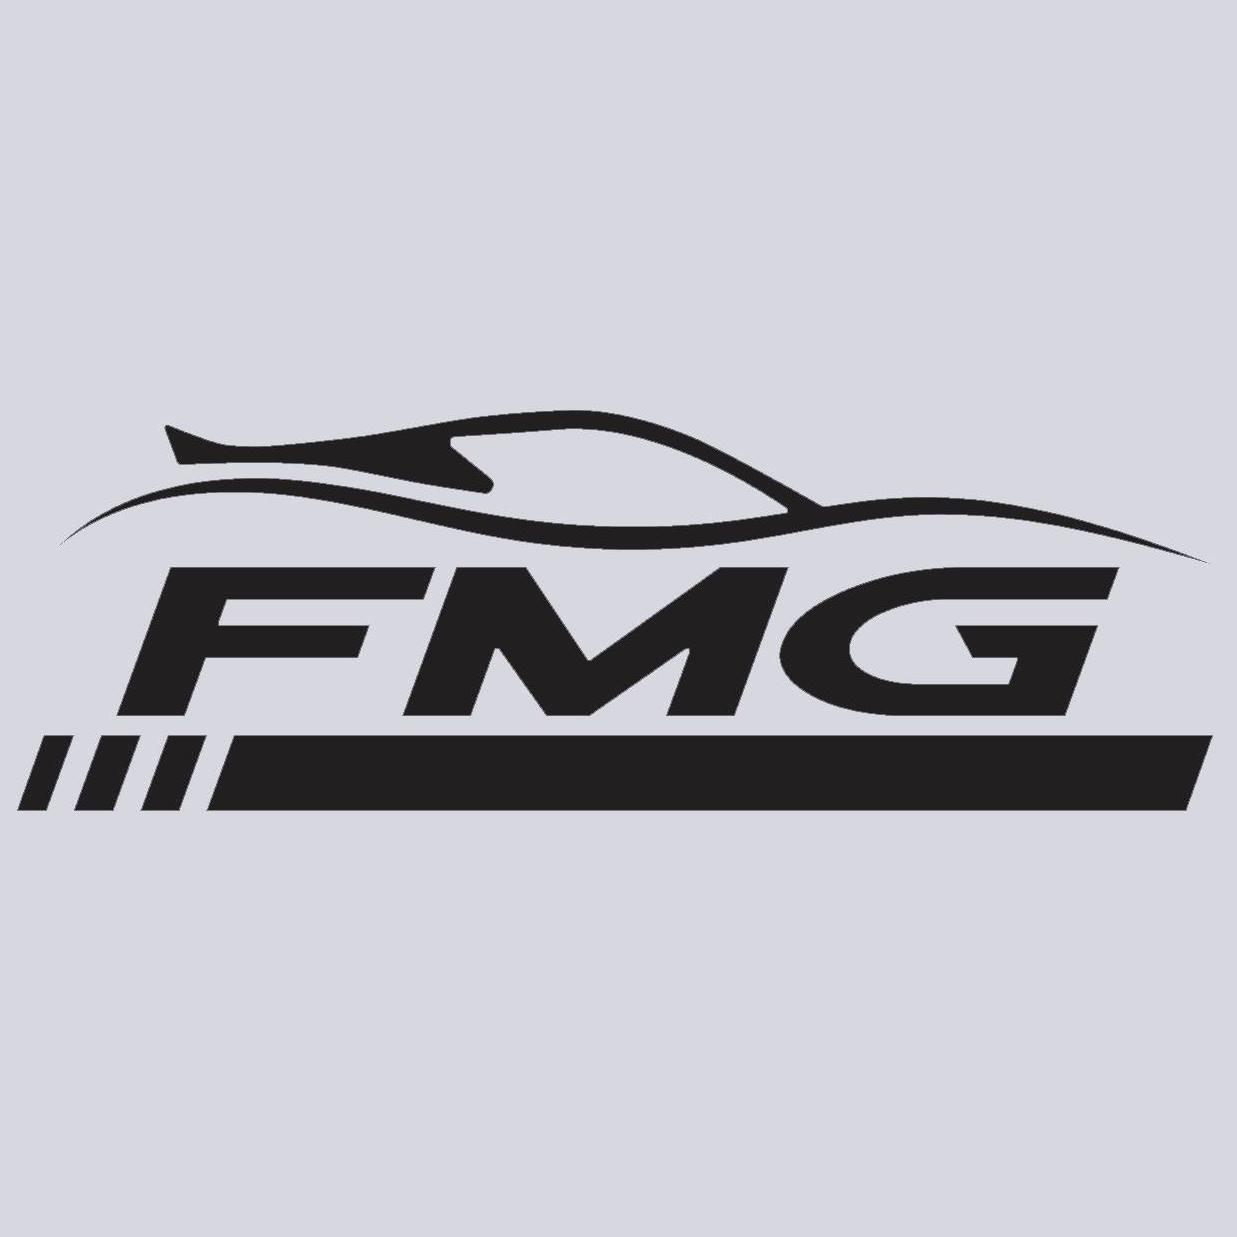 Frank May Garage